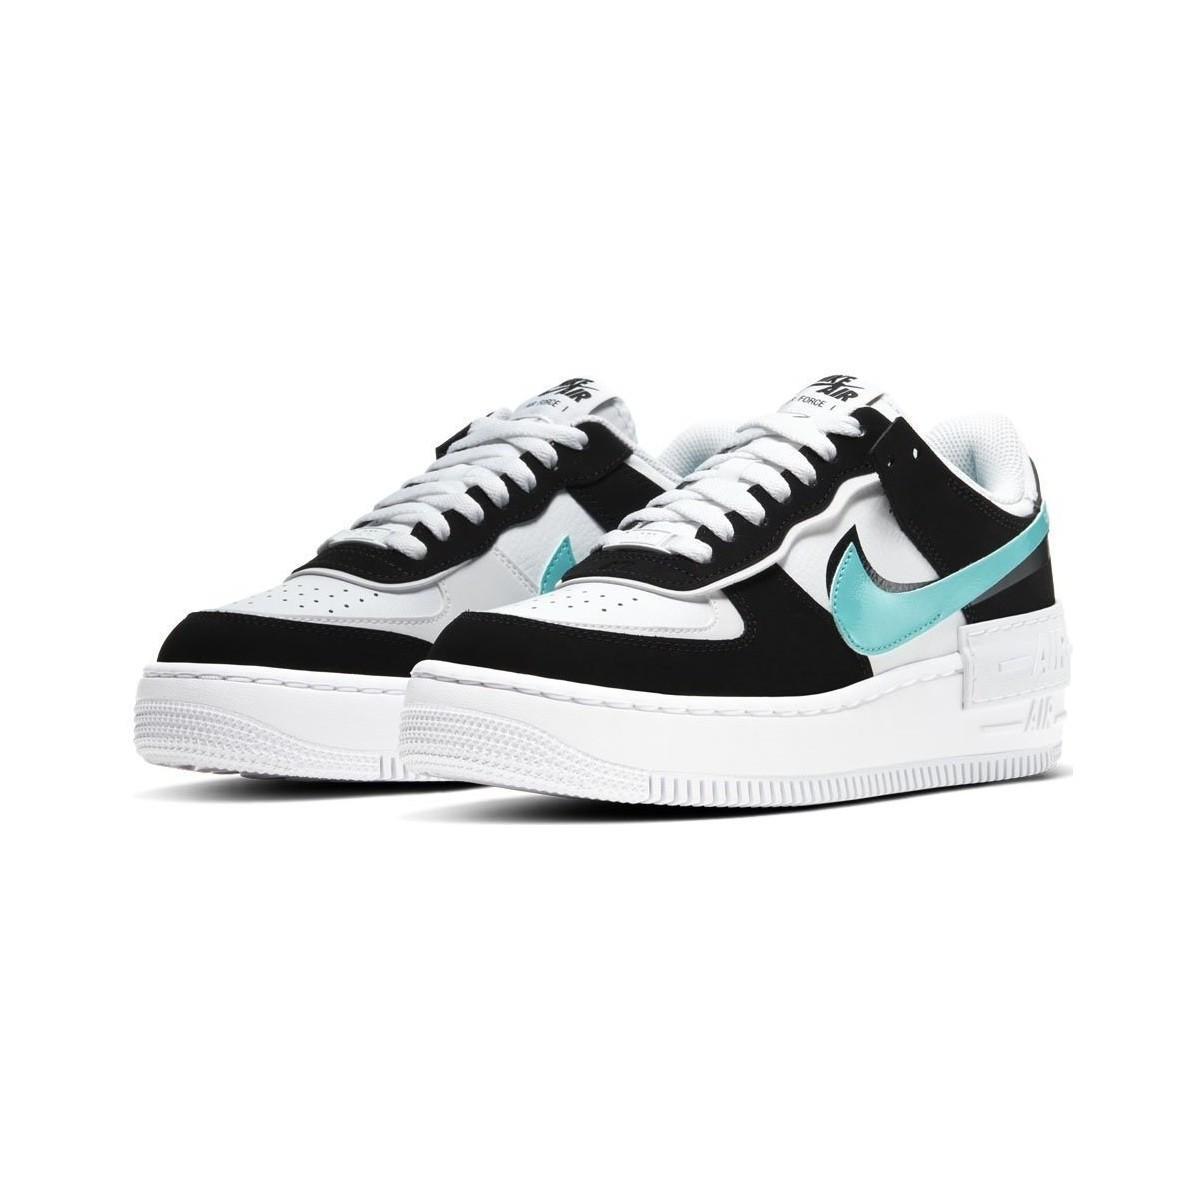 Air force 1 shadow Nike - Lyst